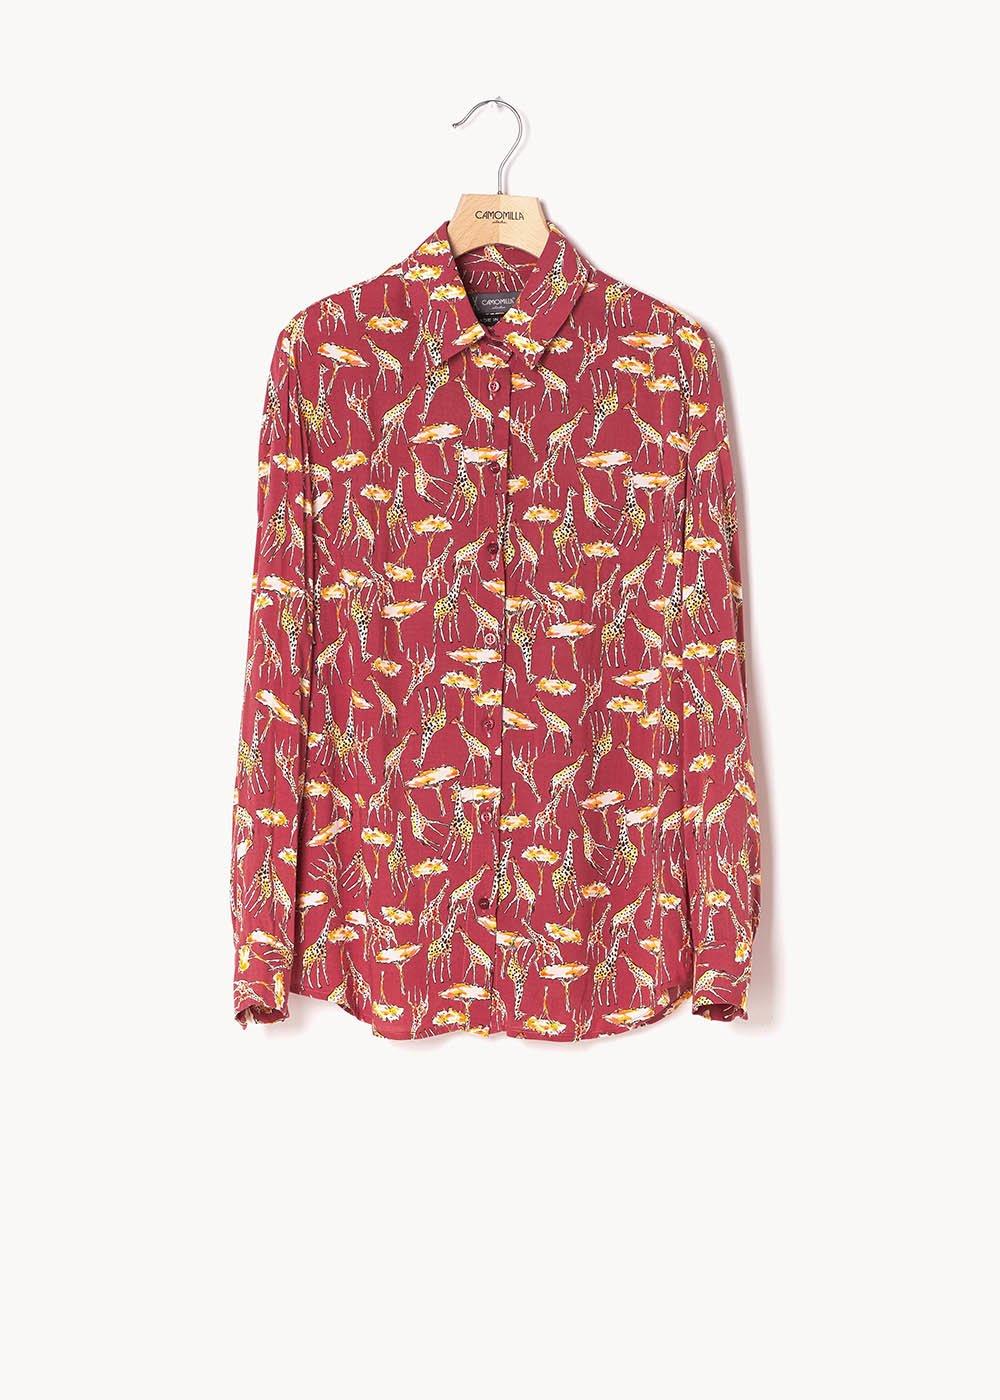 Alessia shirt with spotted print - Cannella\curcuma Fantasia - Woman